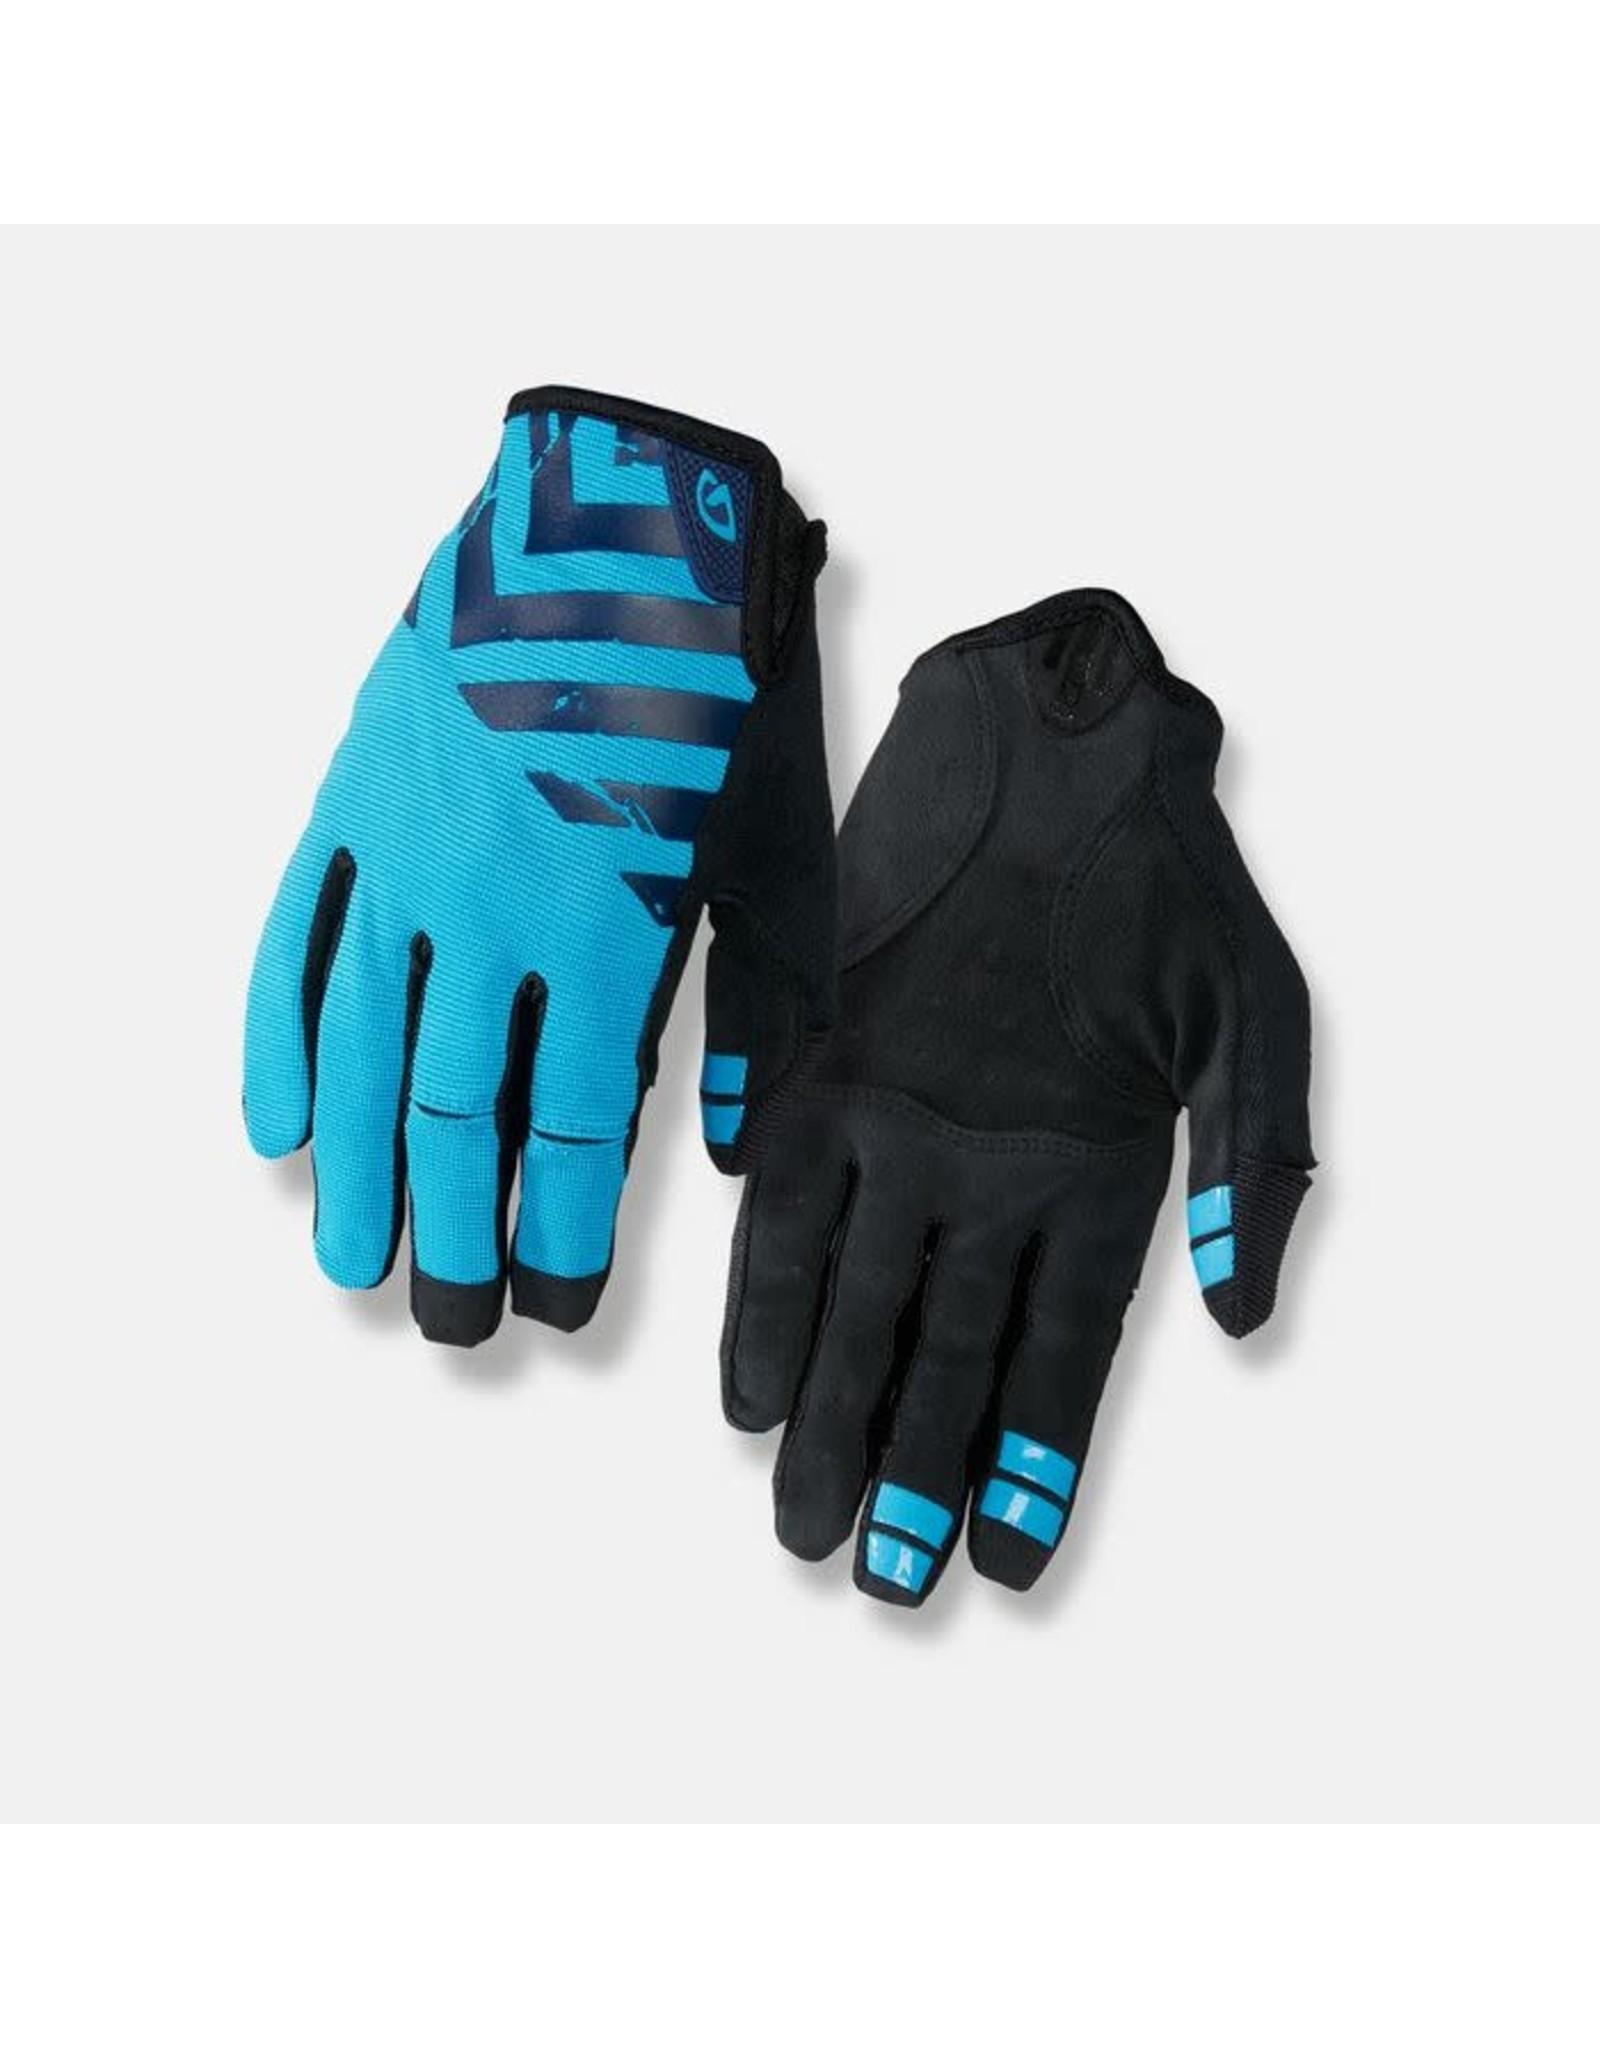 Giro Cycling DND Glove